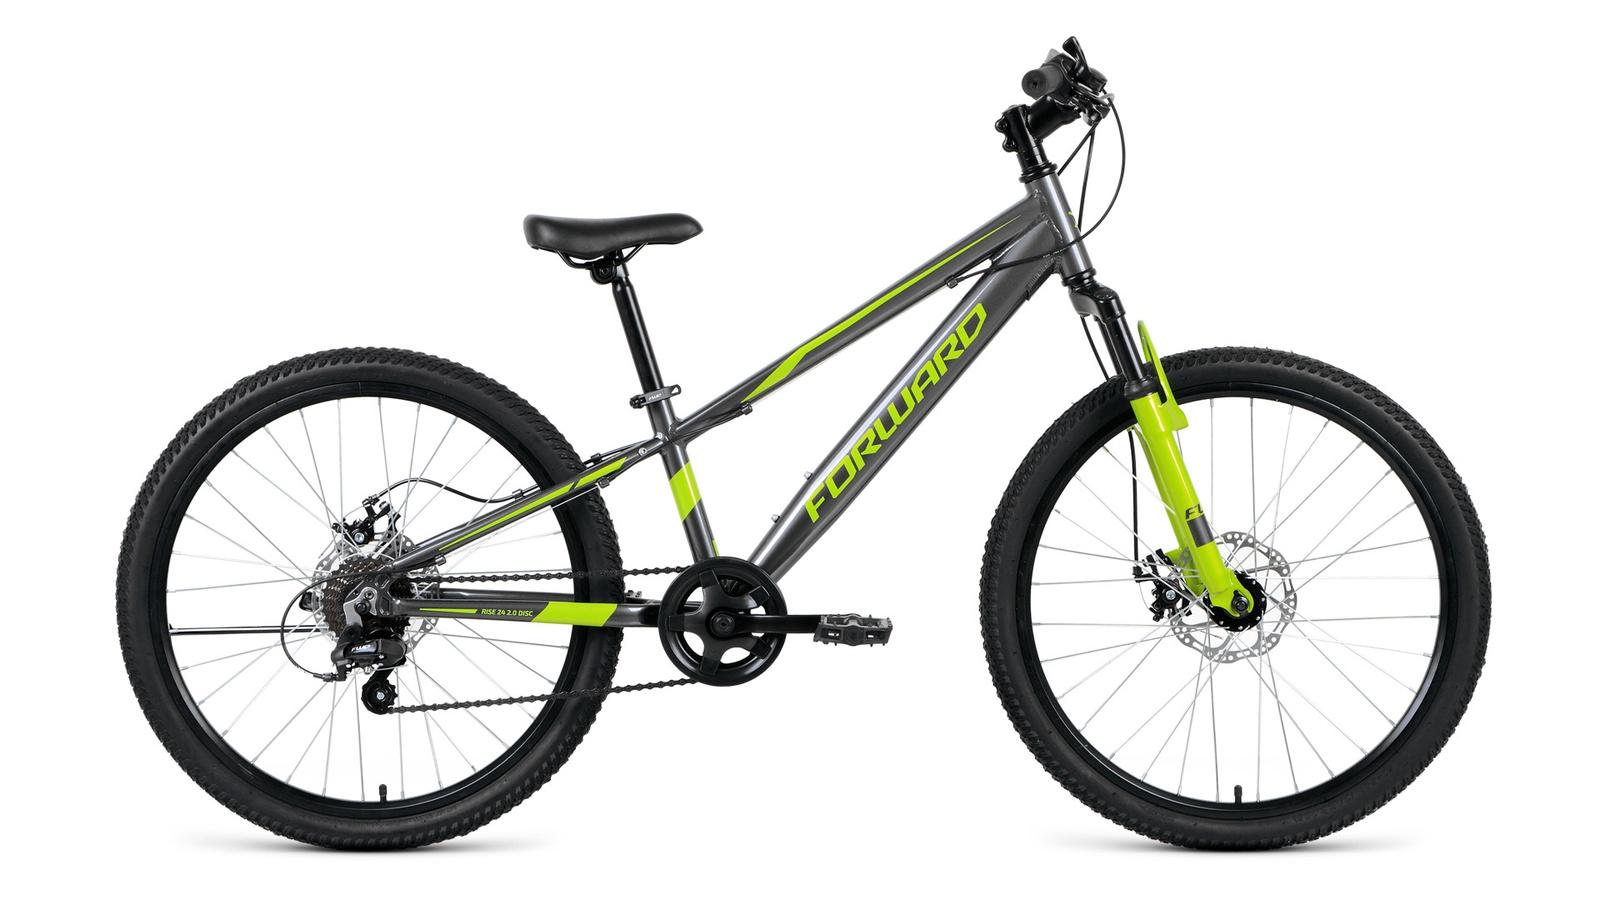 цена на Велосипед Forward Rise 24 2.0 disc, серый, зеленый